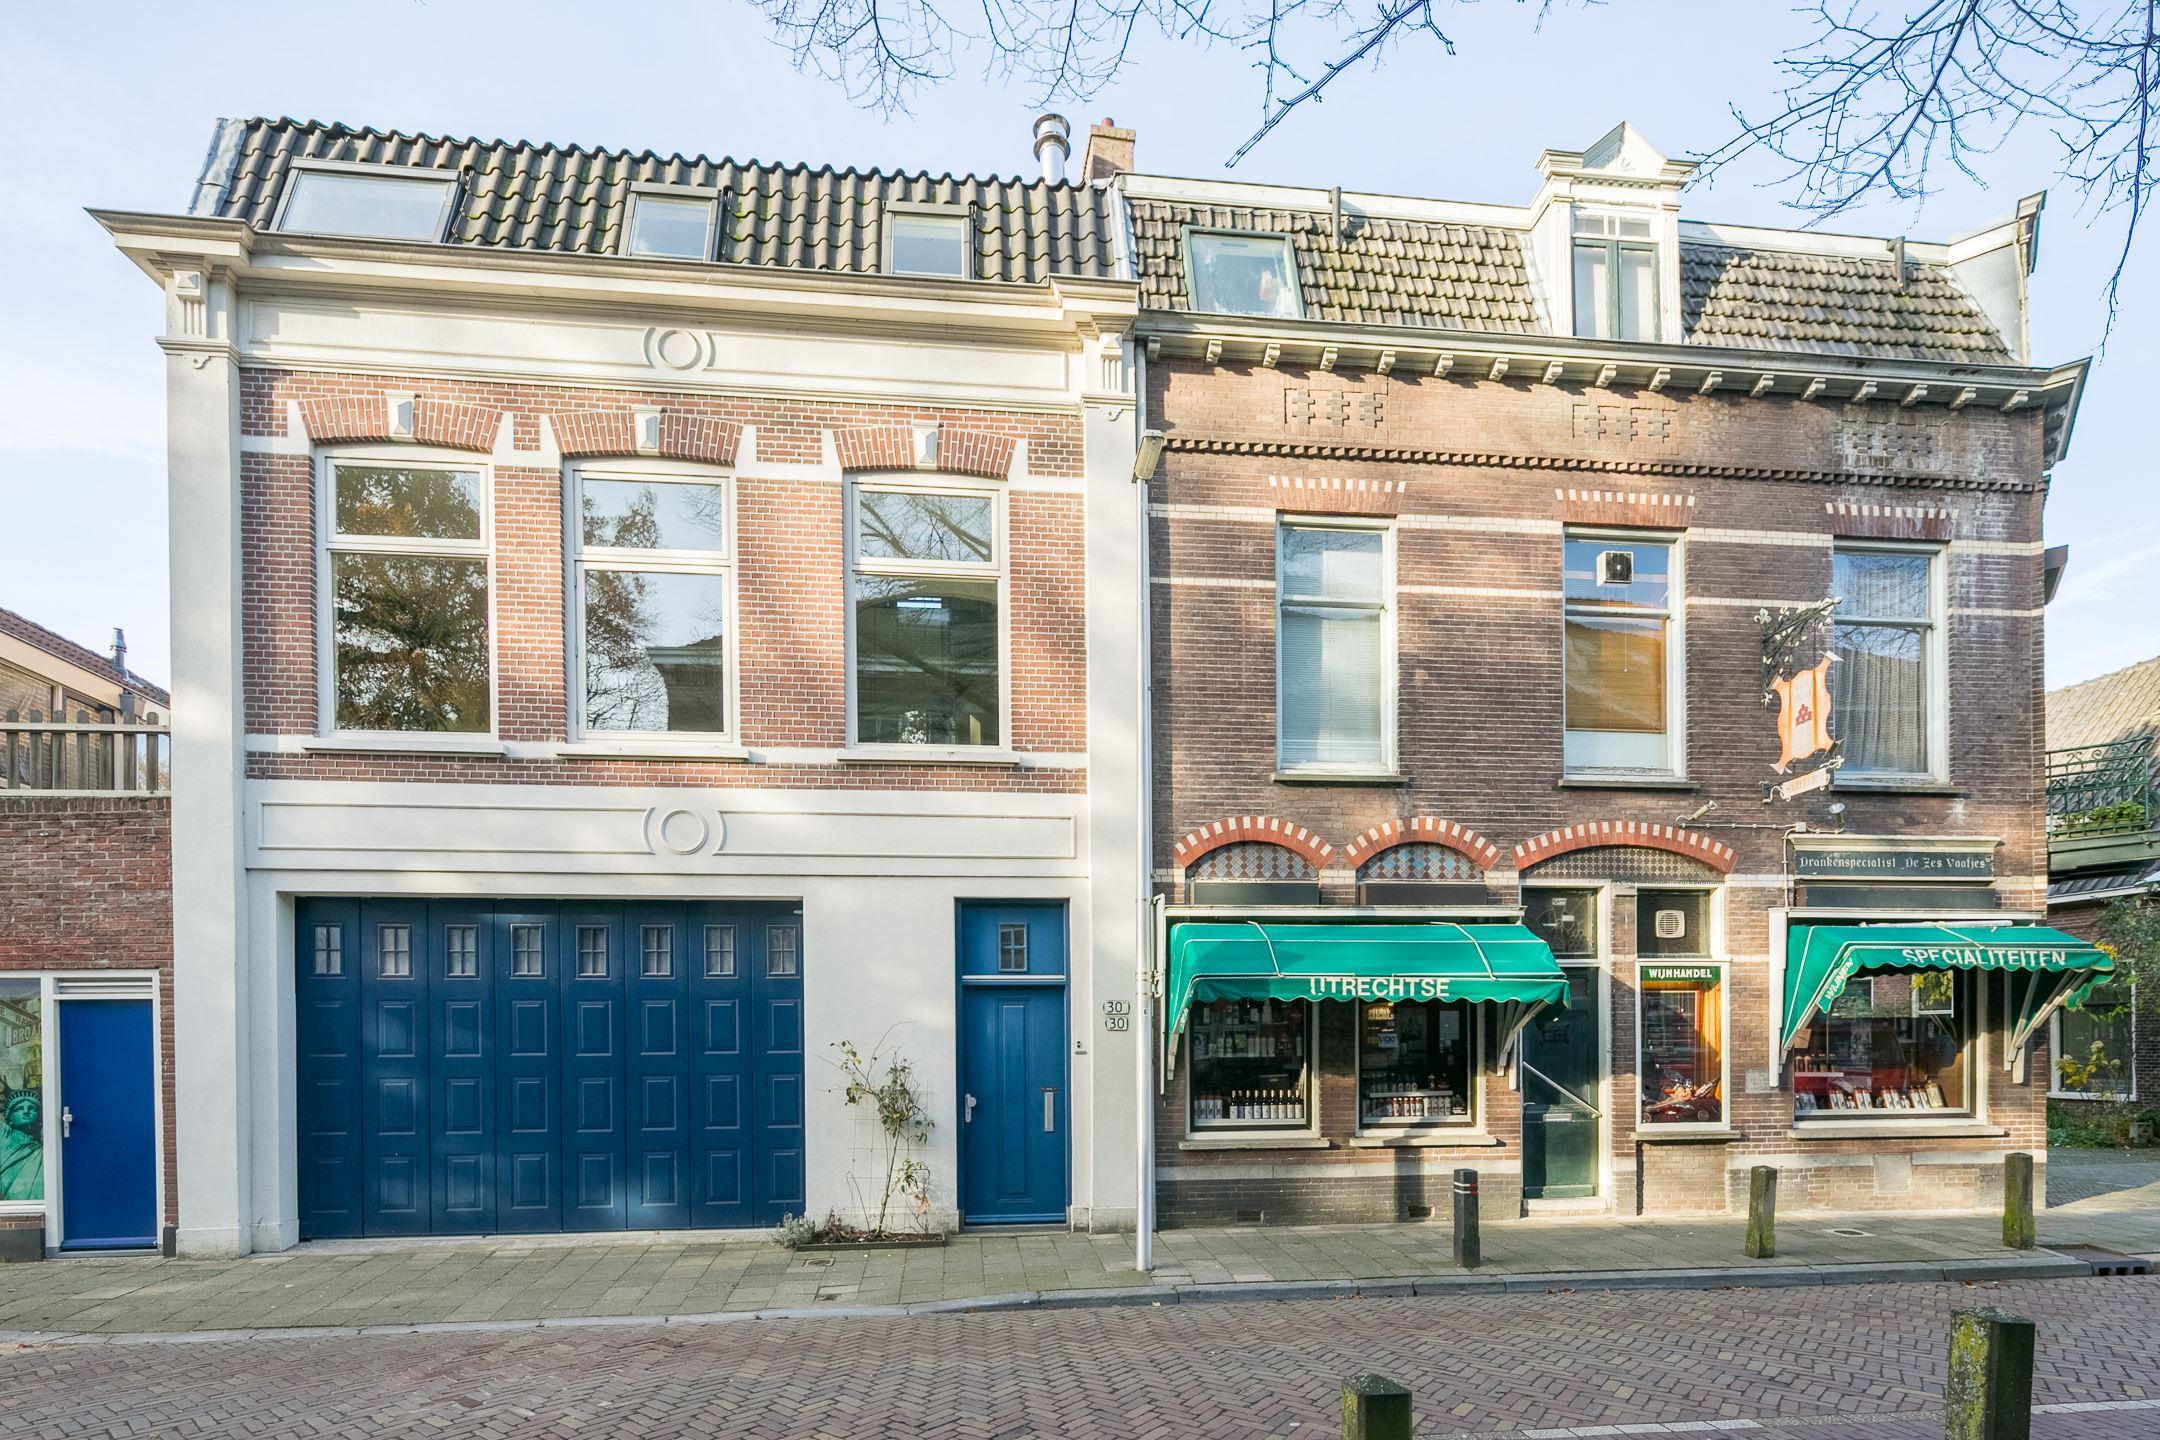 House for sale: mgr. van de weteringstraat 30 30bis 3581 ej utrecht